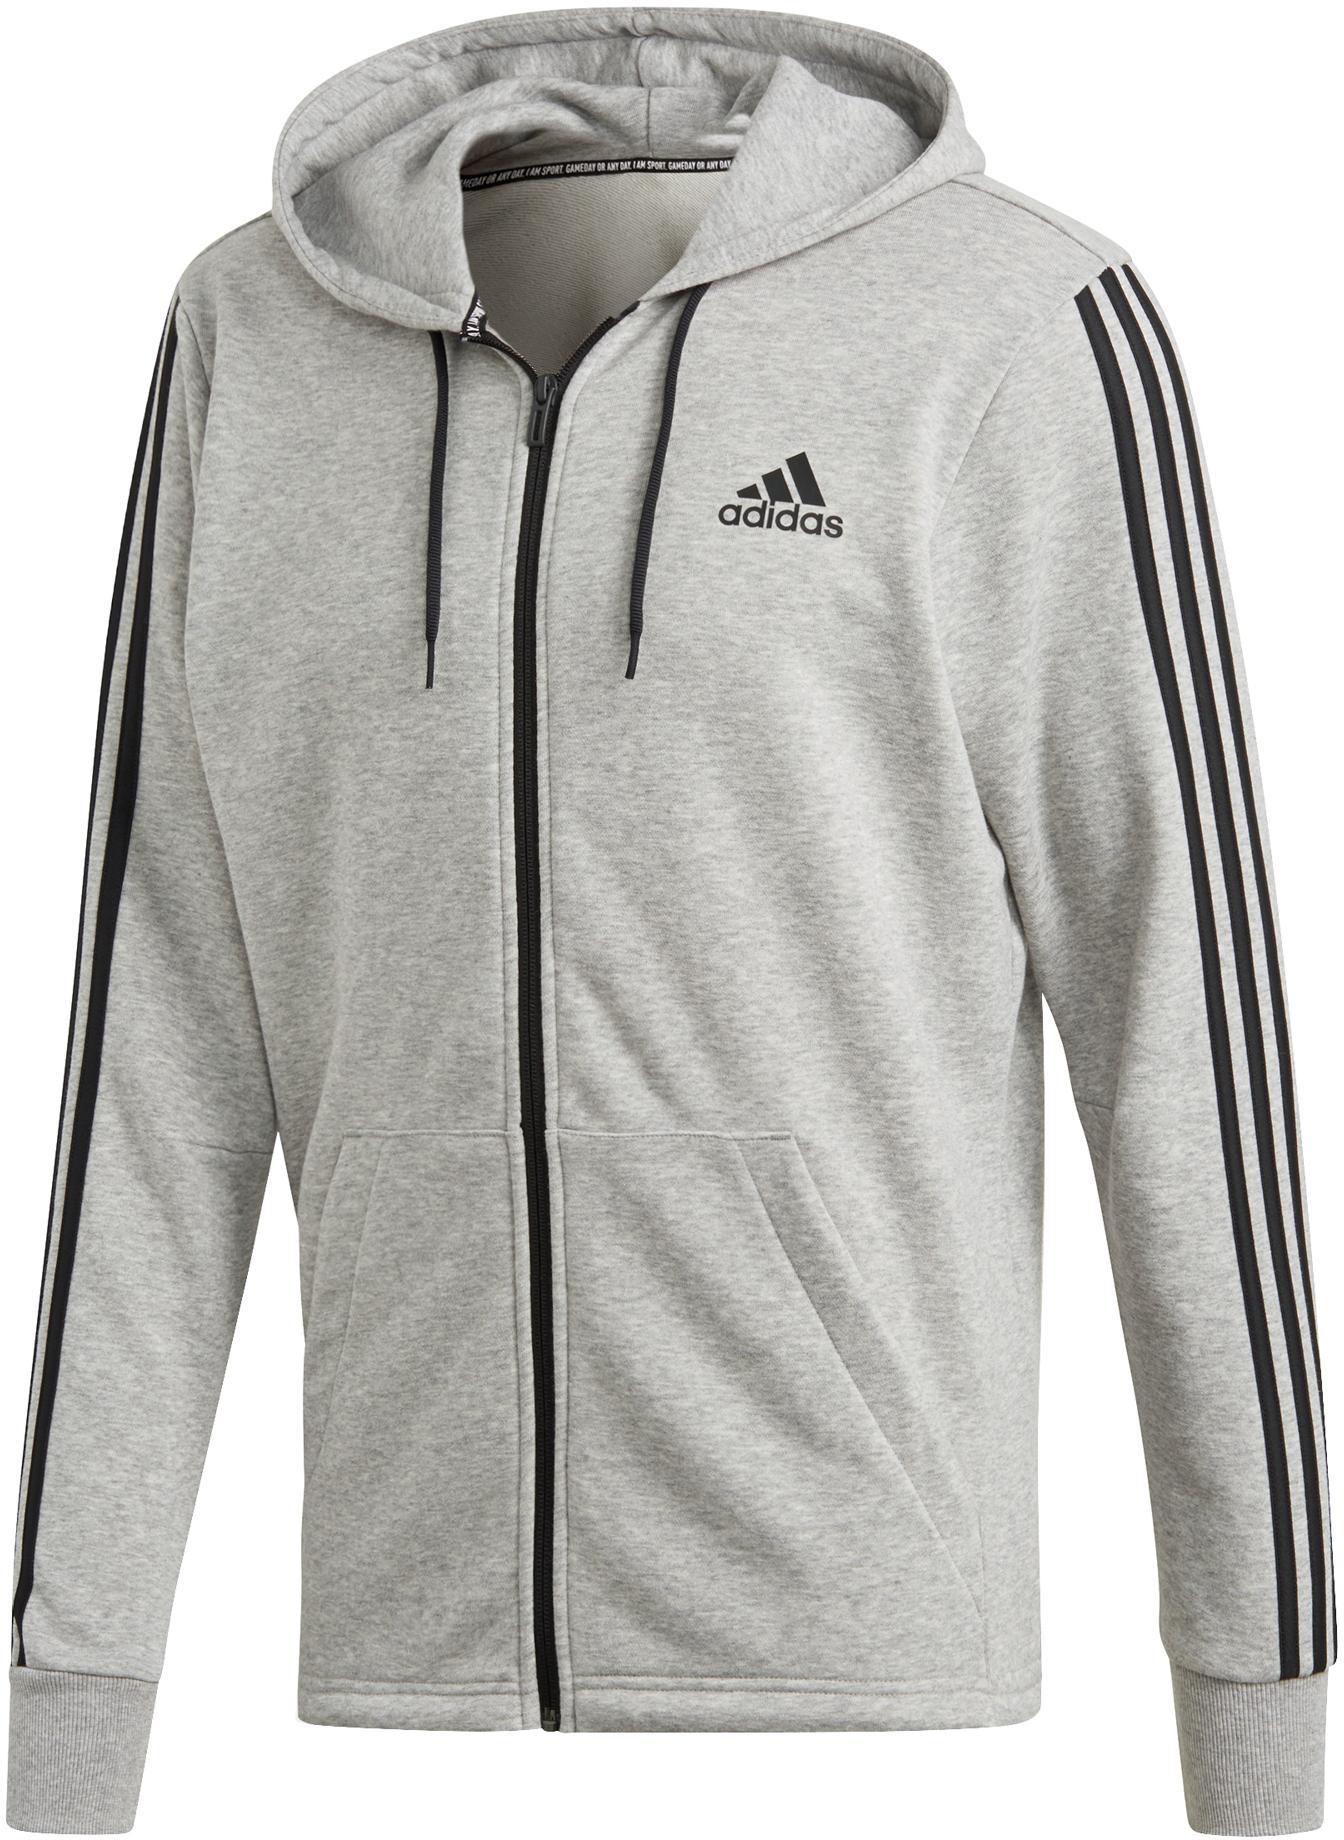 adidas Sweatjacke Herren medium grey heather im Online Shop von SportScheck kaufen